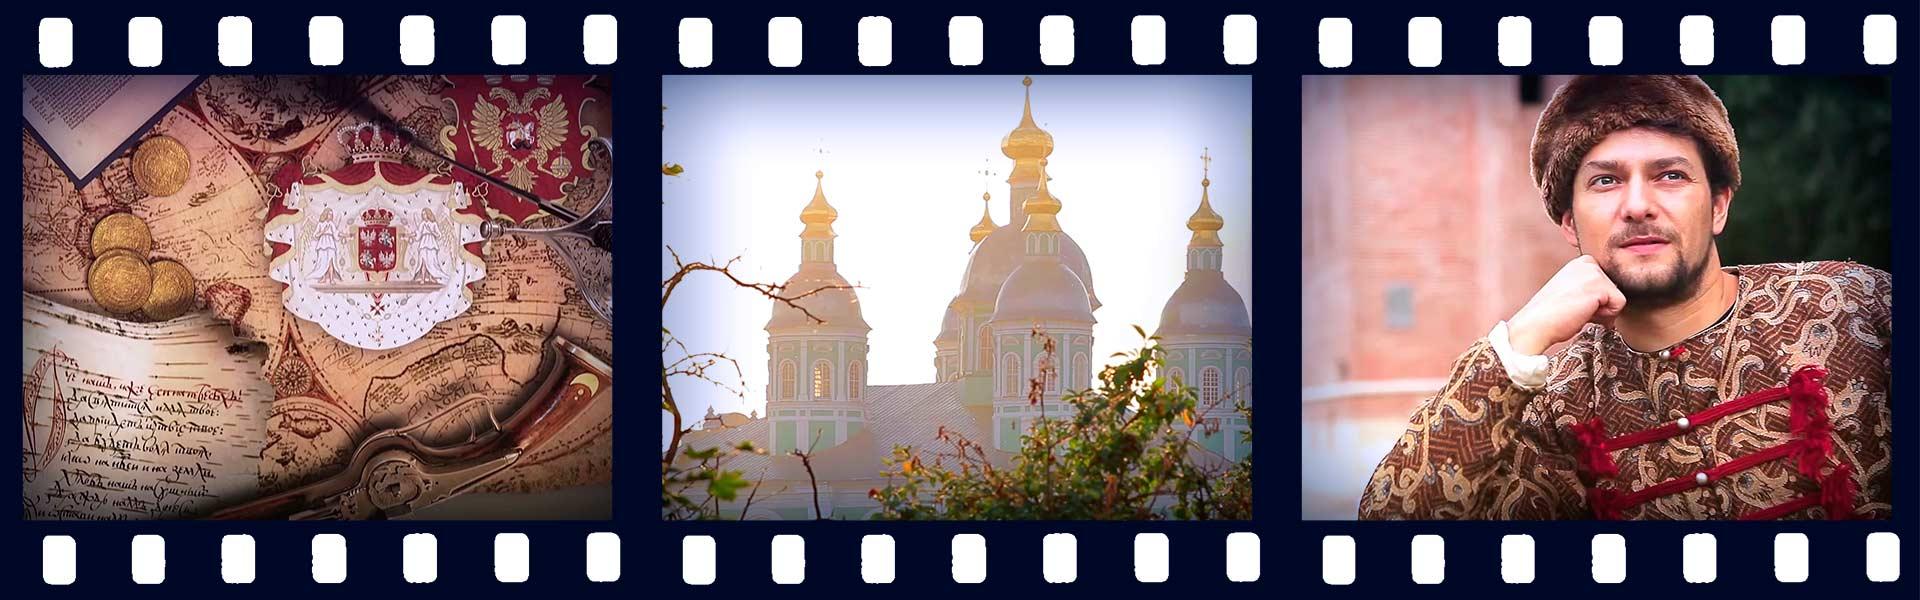 Документальный фильм о Смоленске